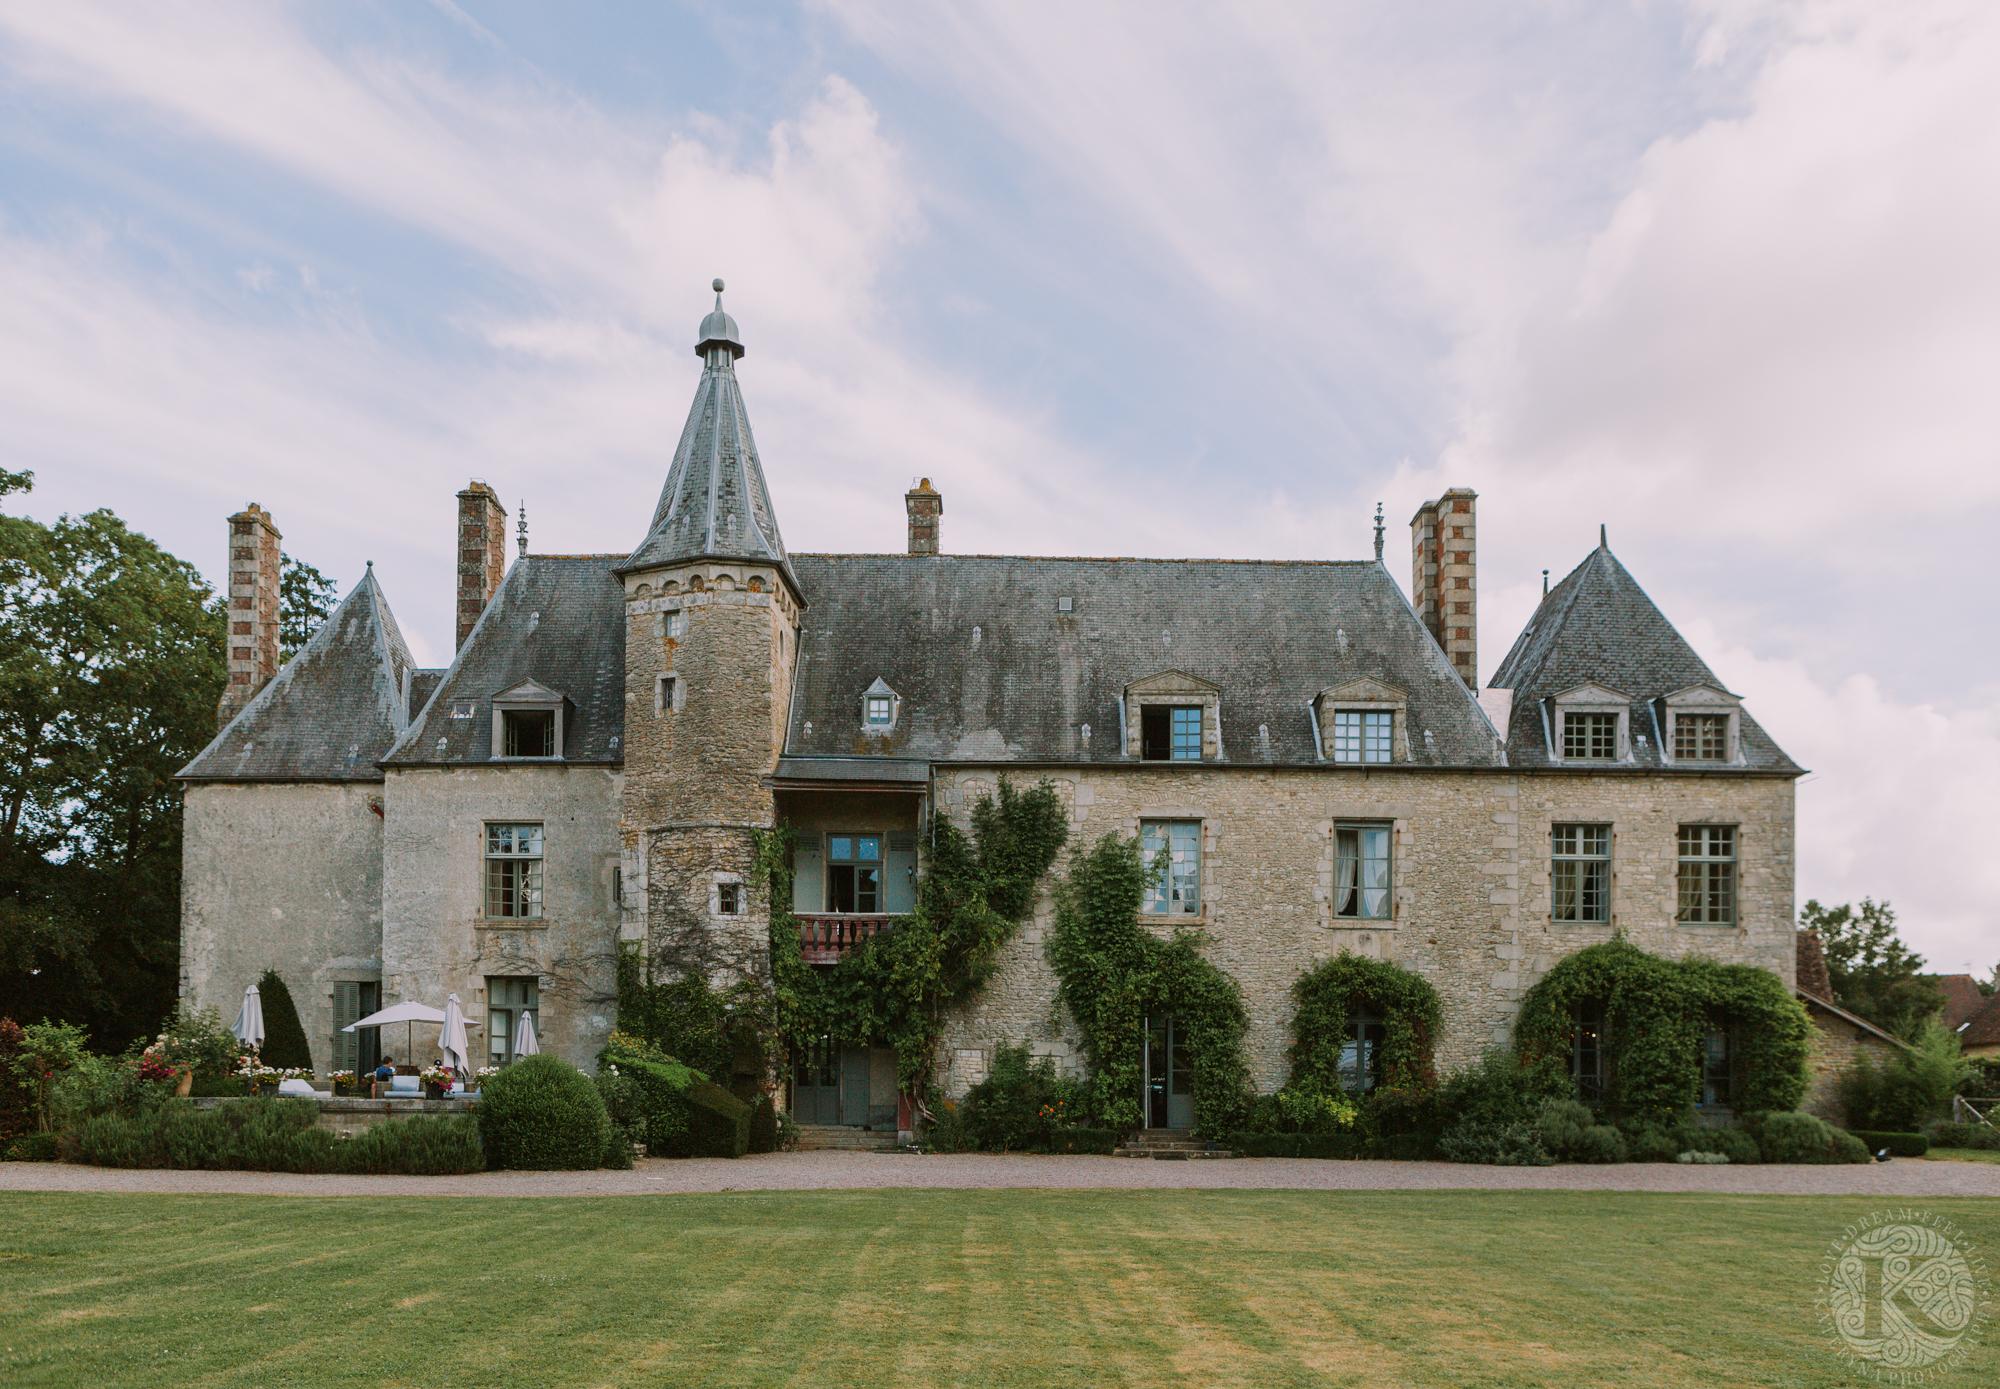 façade du Château de Sainte Paterne en Normandie sous un ciel bleu